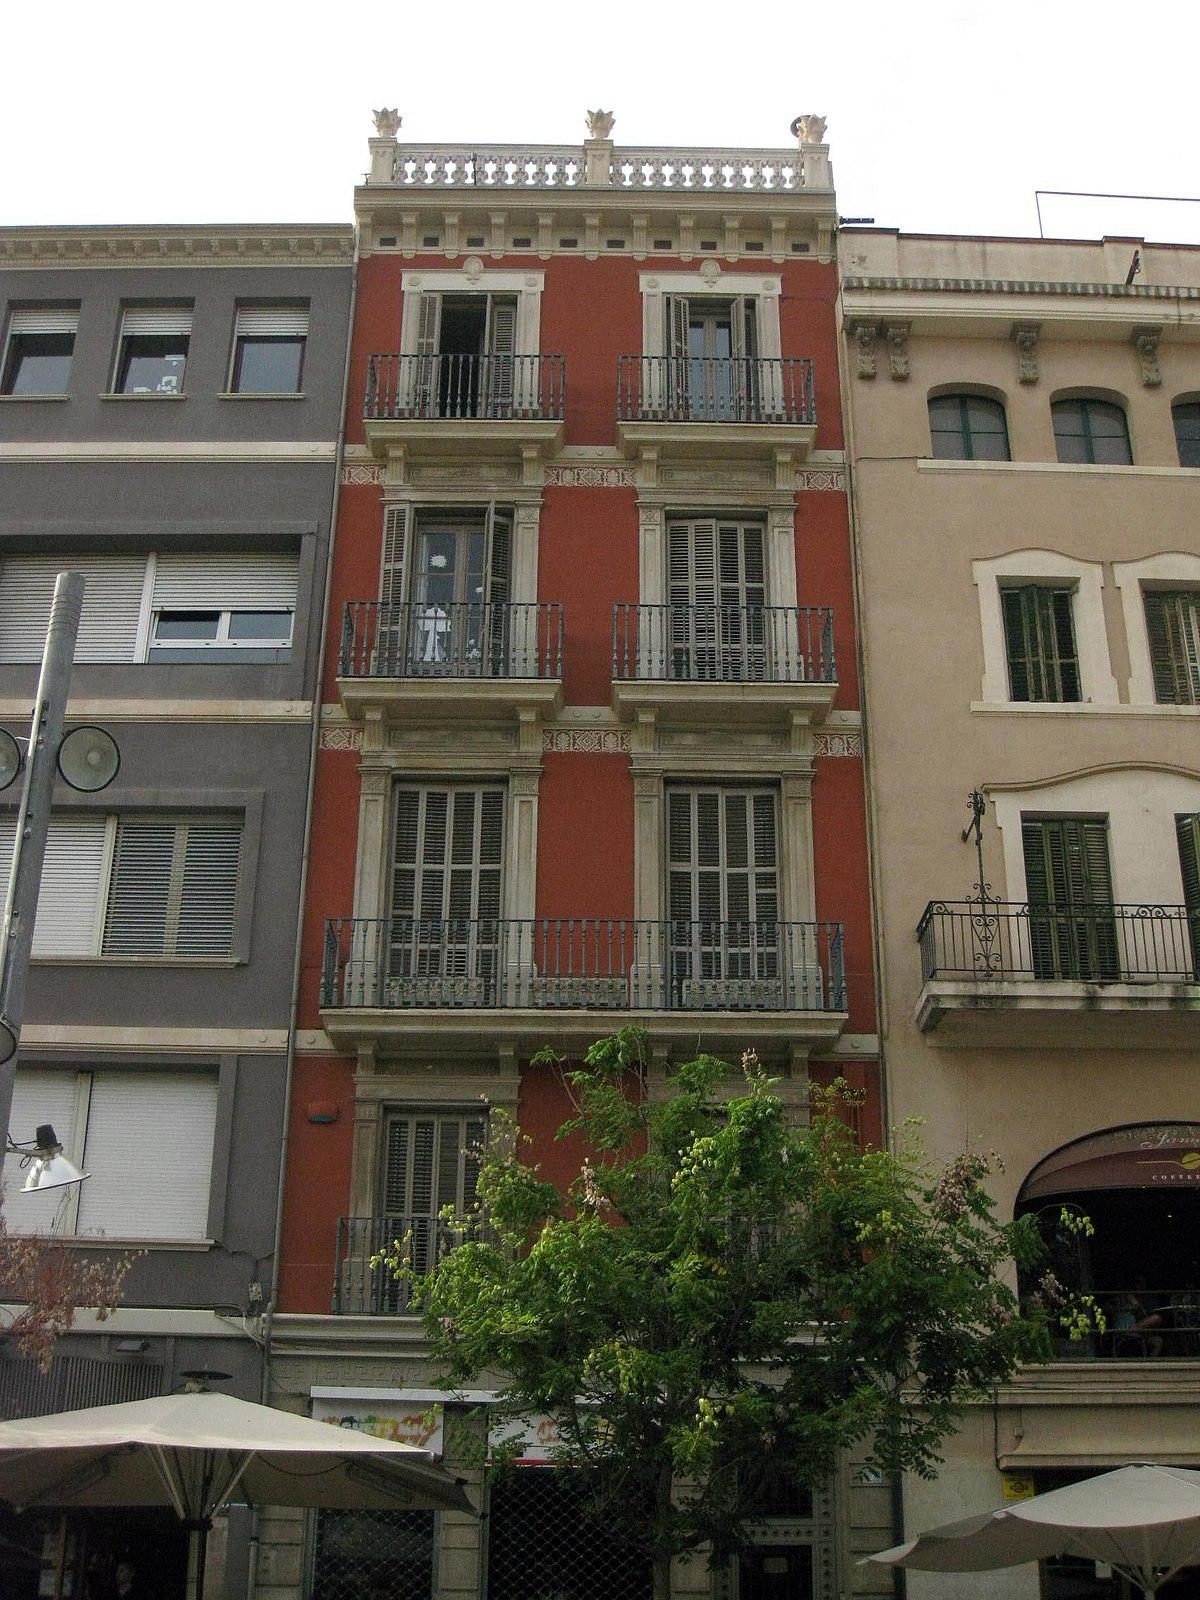 Casa badia terrassa viquip dia l 39 enciclop dia lliure - Casas en terrassa ...